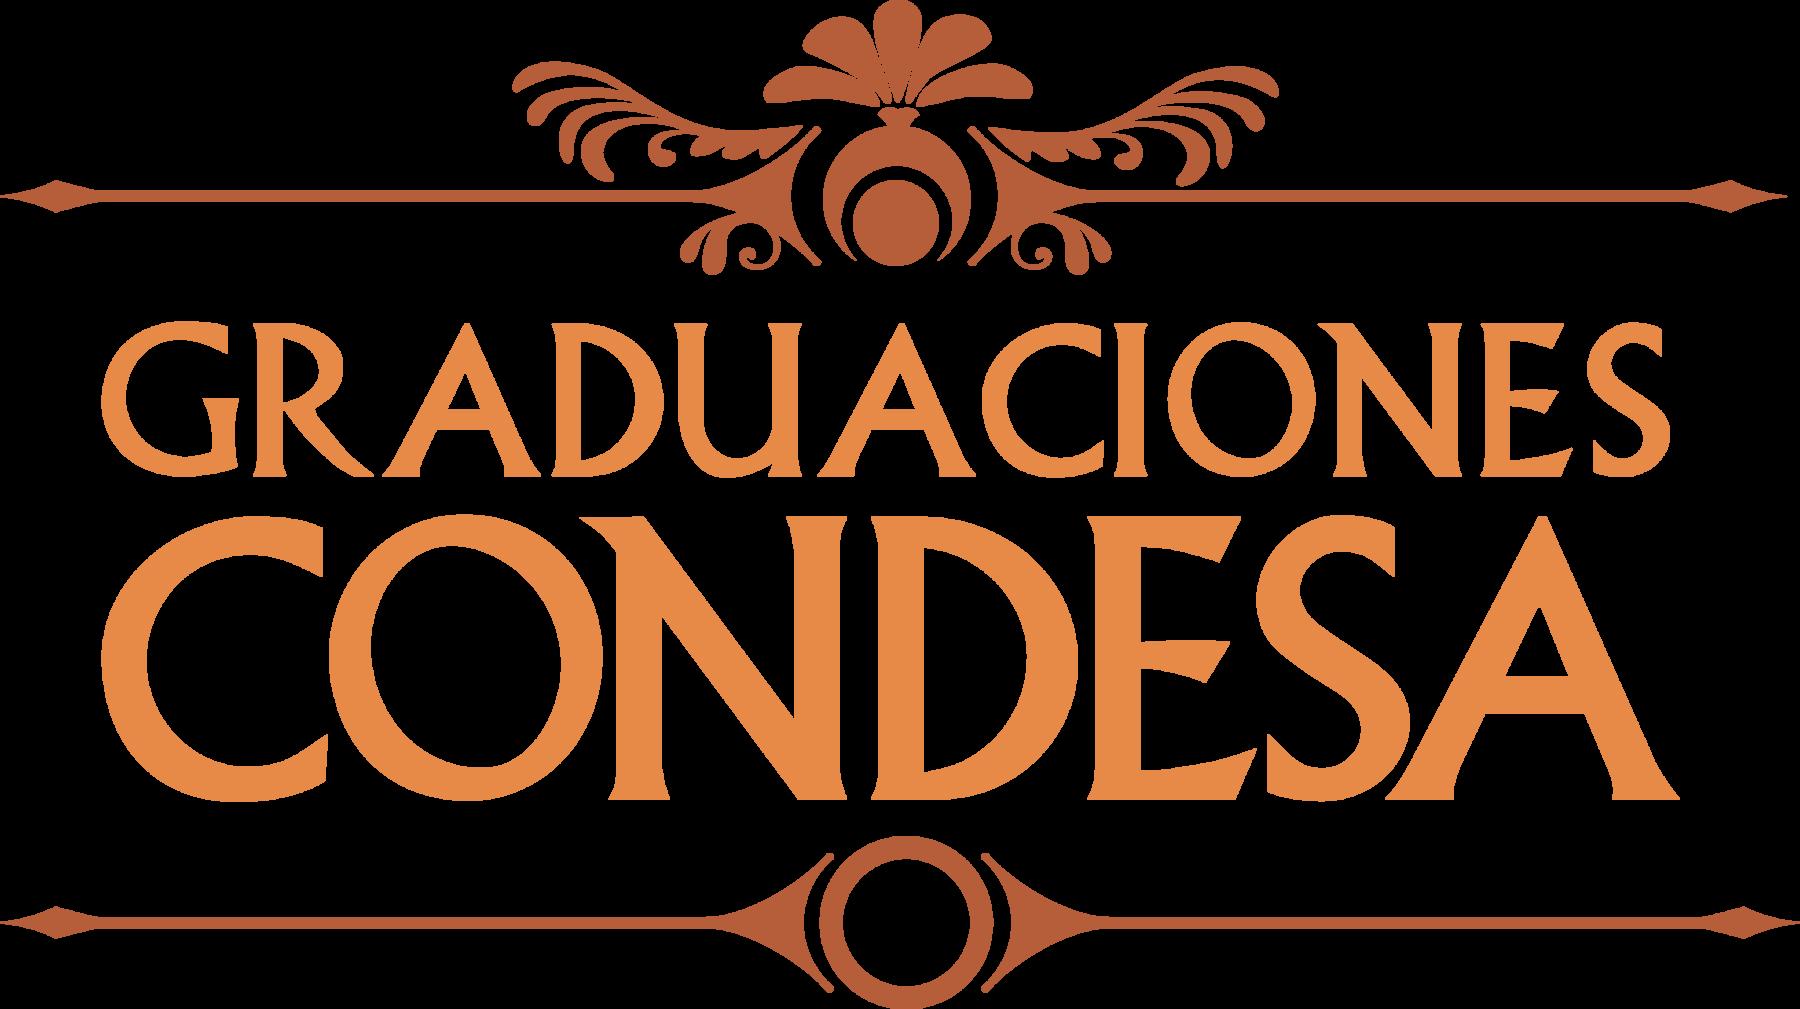 Graduaciones Condesa México